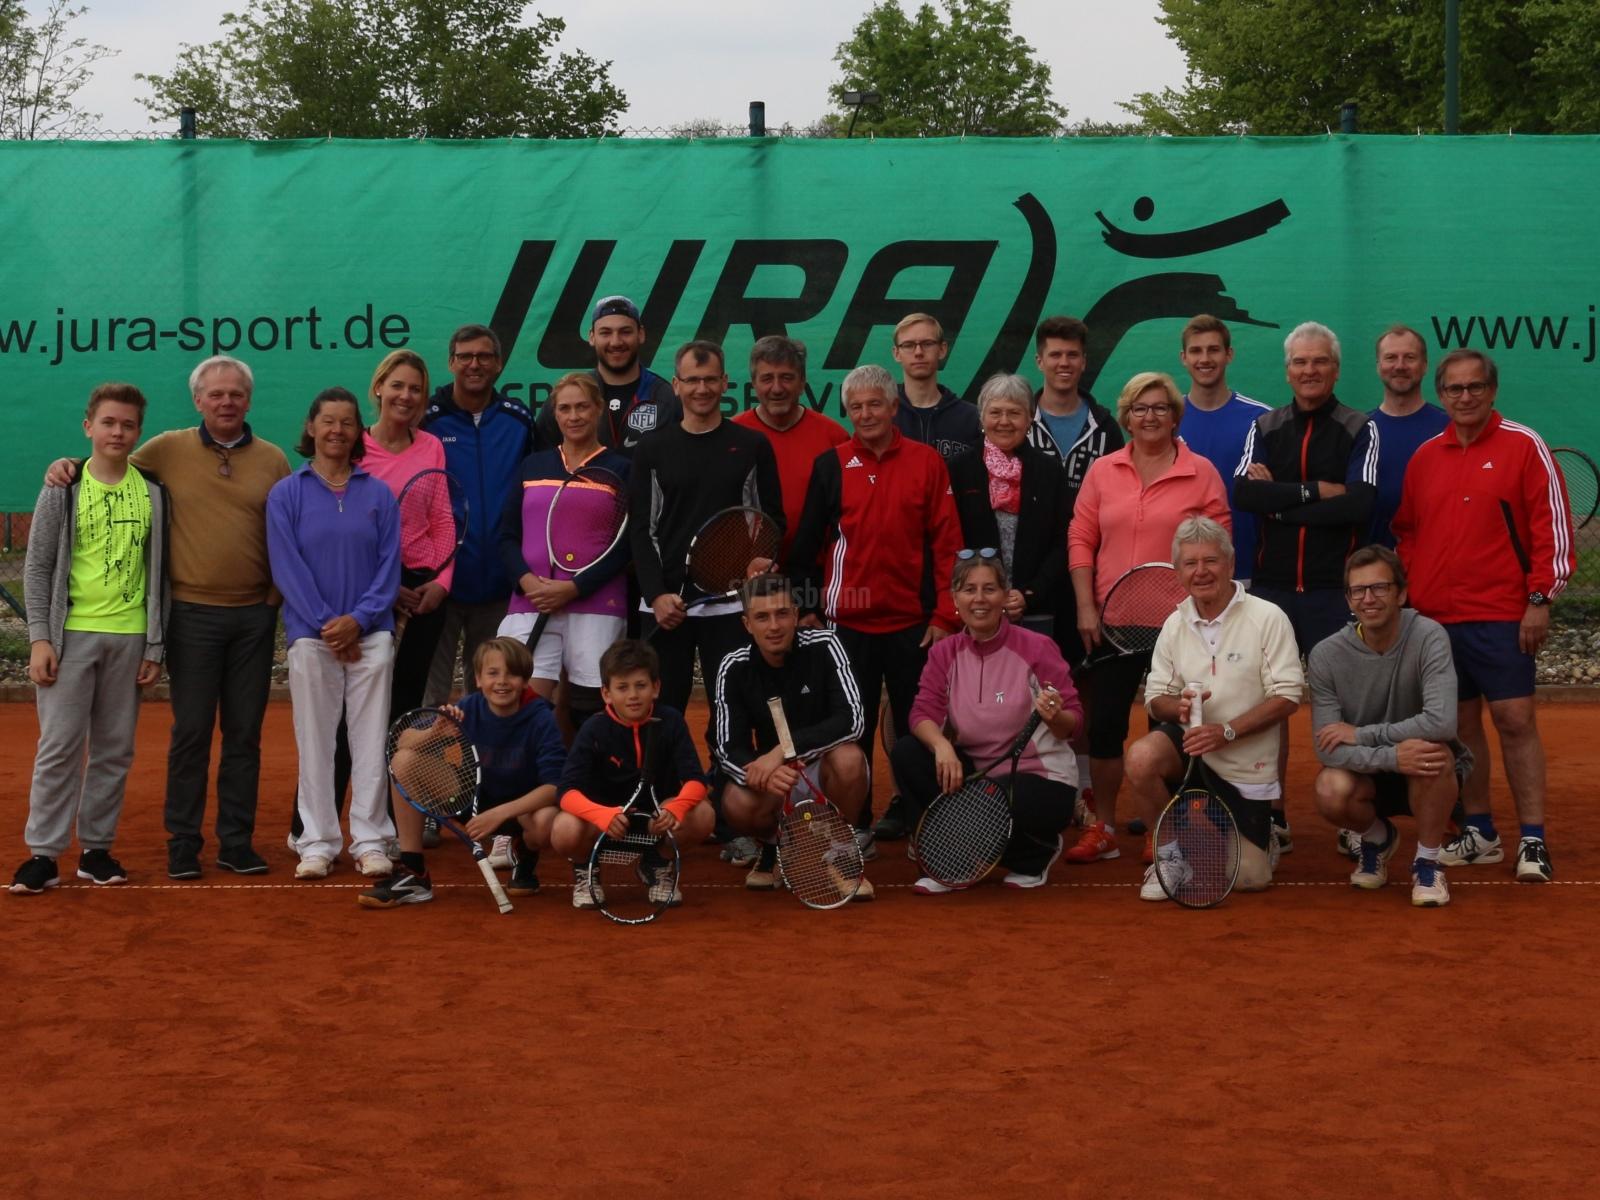 Tennis 1. Mai Schleiferlturnier 2020